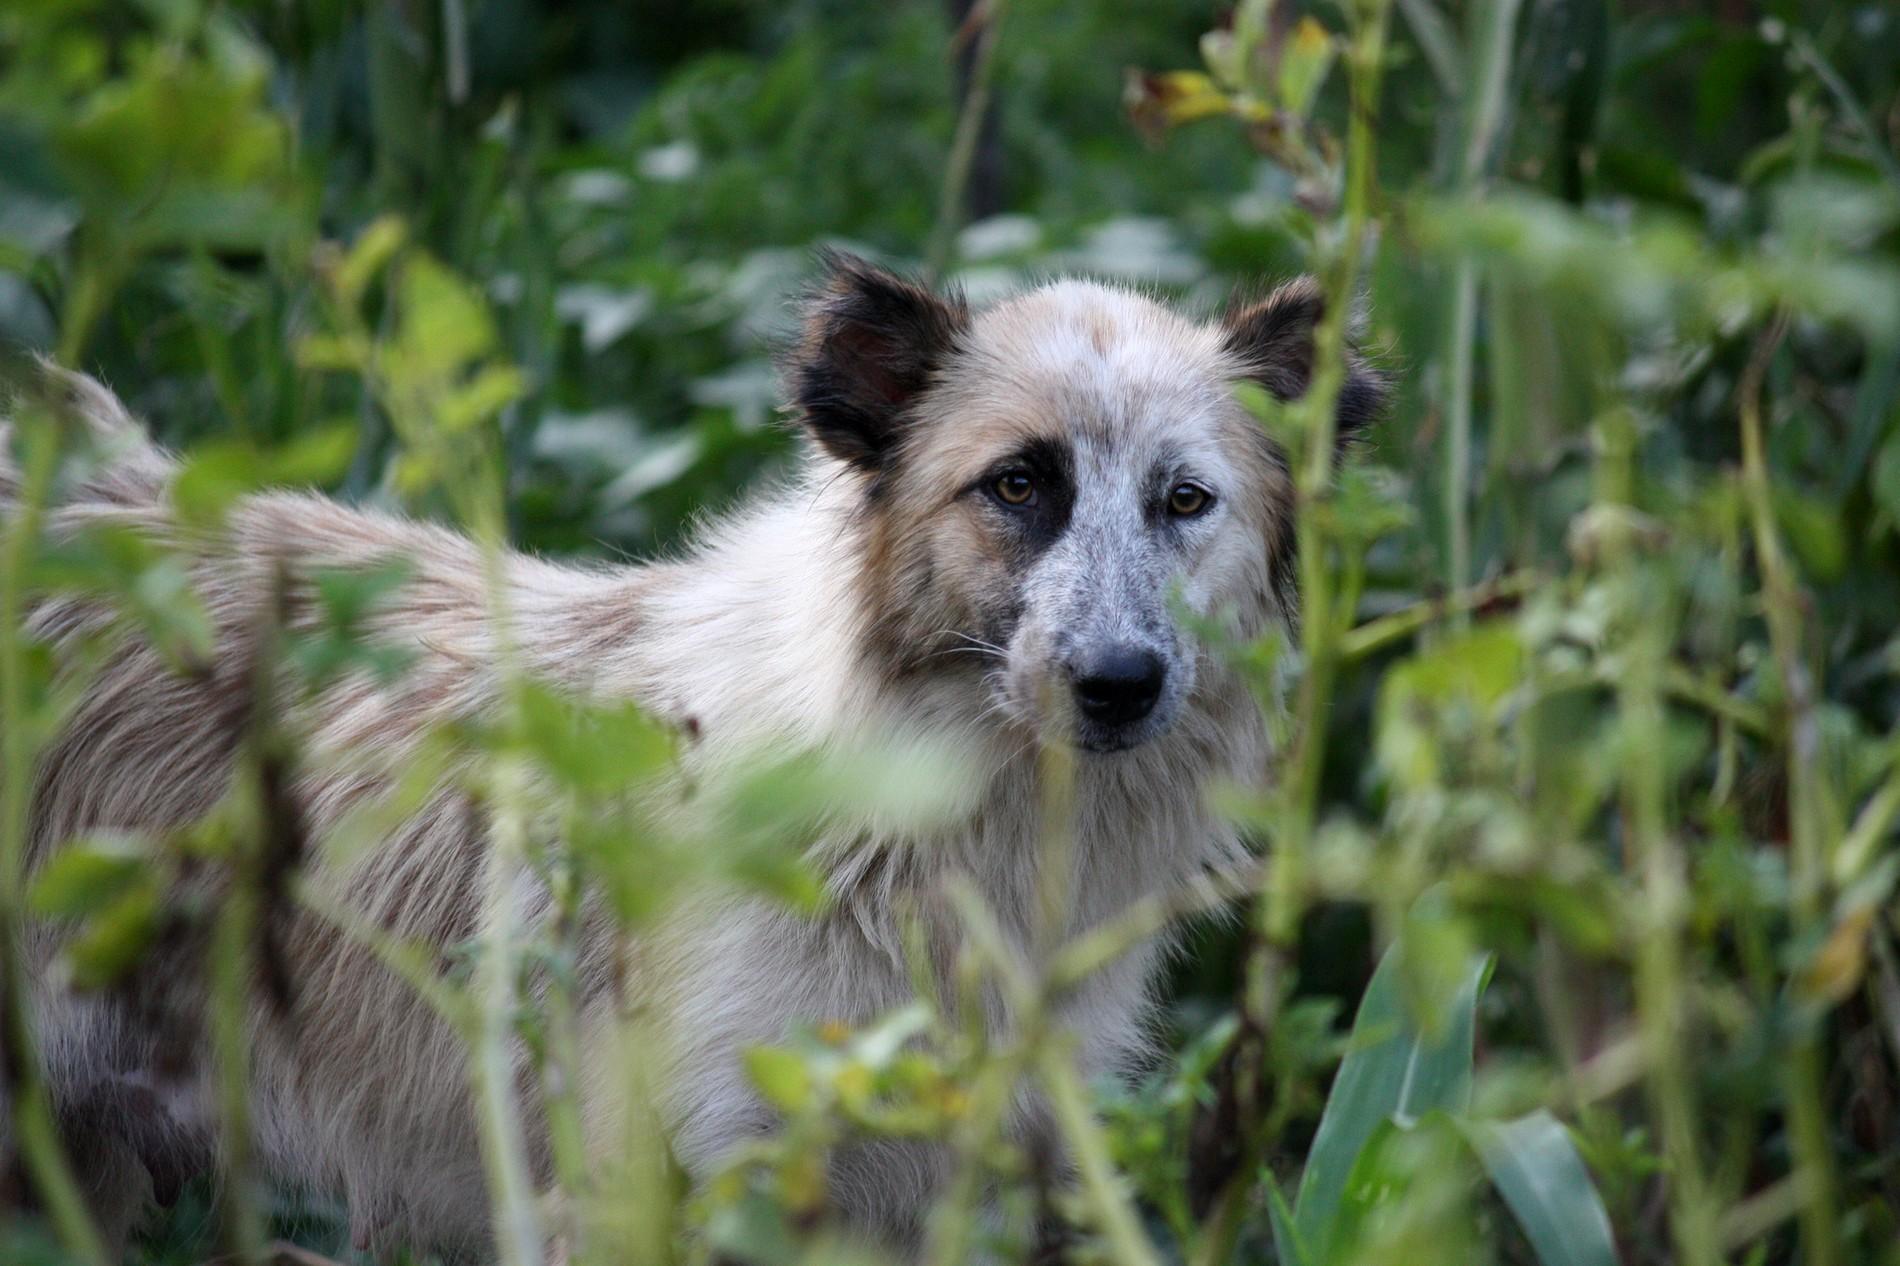 Répulsifs naturels contre les chiens - Économie Solidaire